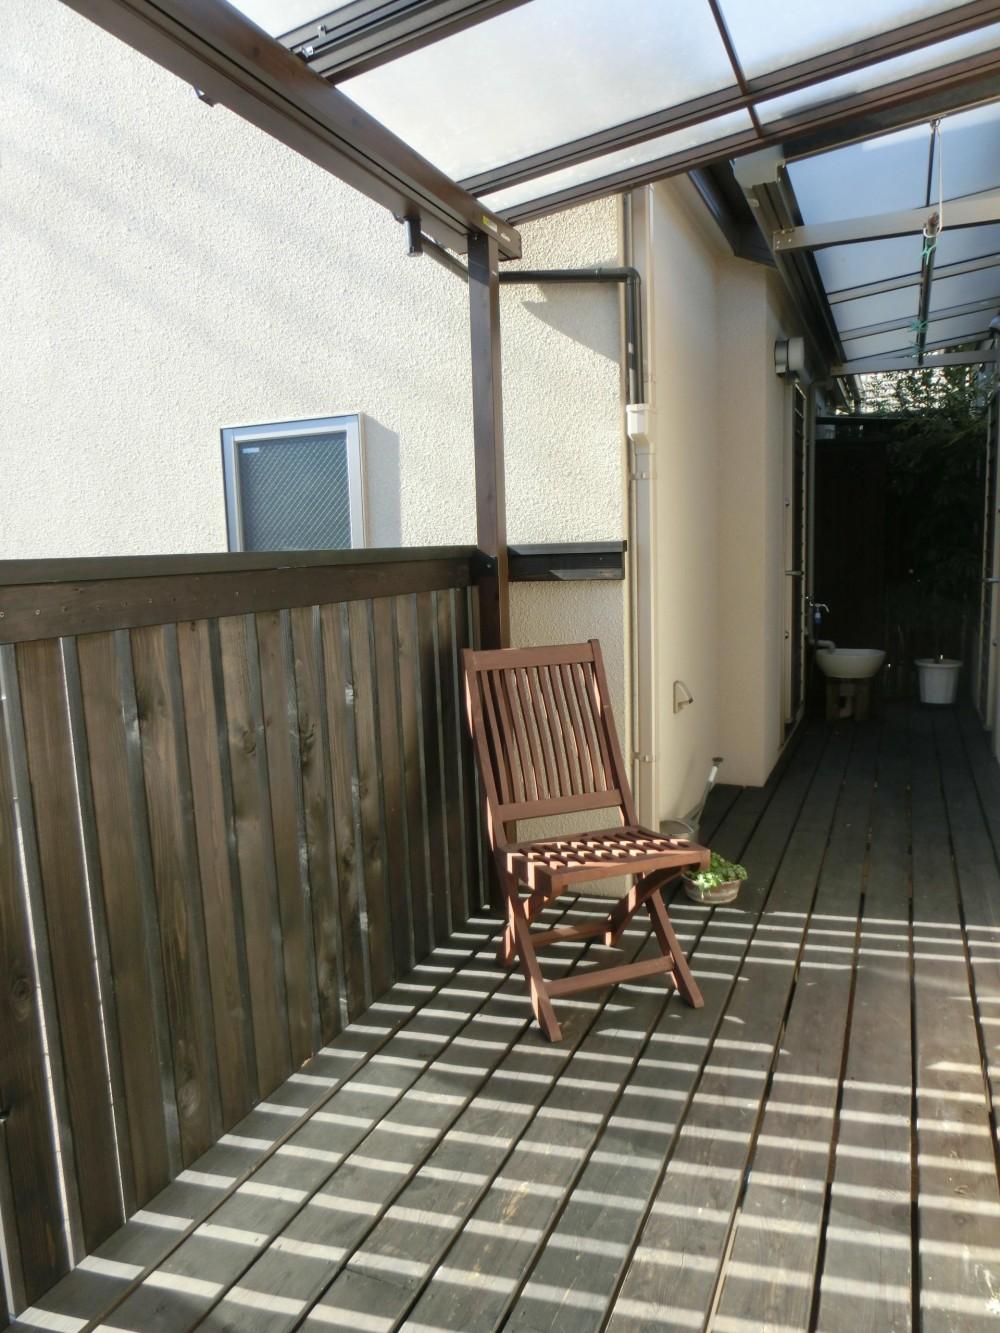 『手わざのコダワリ』と新しい建築技術の融合:東京都杉並区K様邸 (2階の母屋とアトリエ工房をつなぐウッドバルコニー)